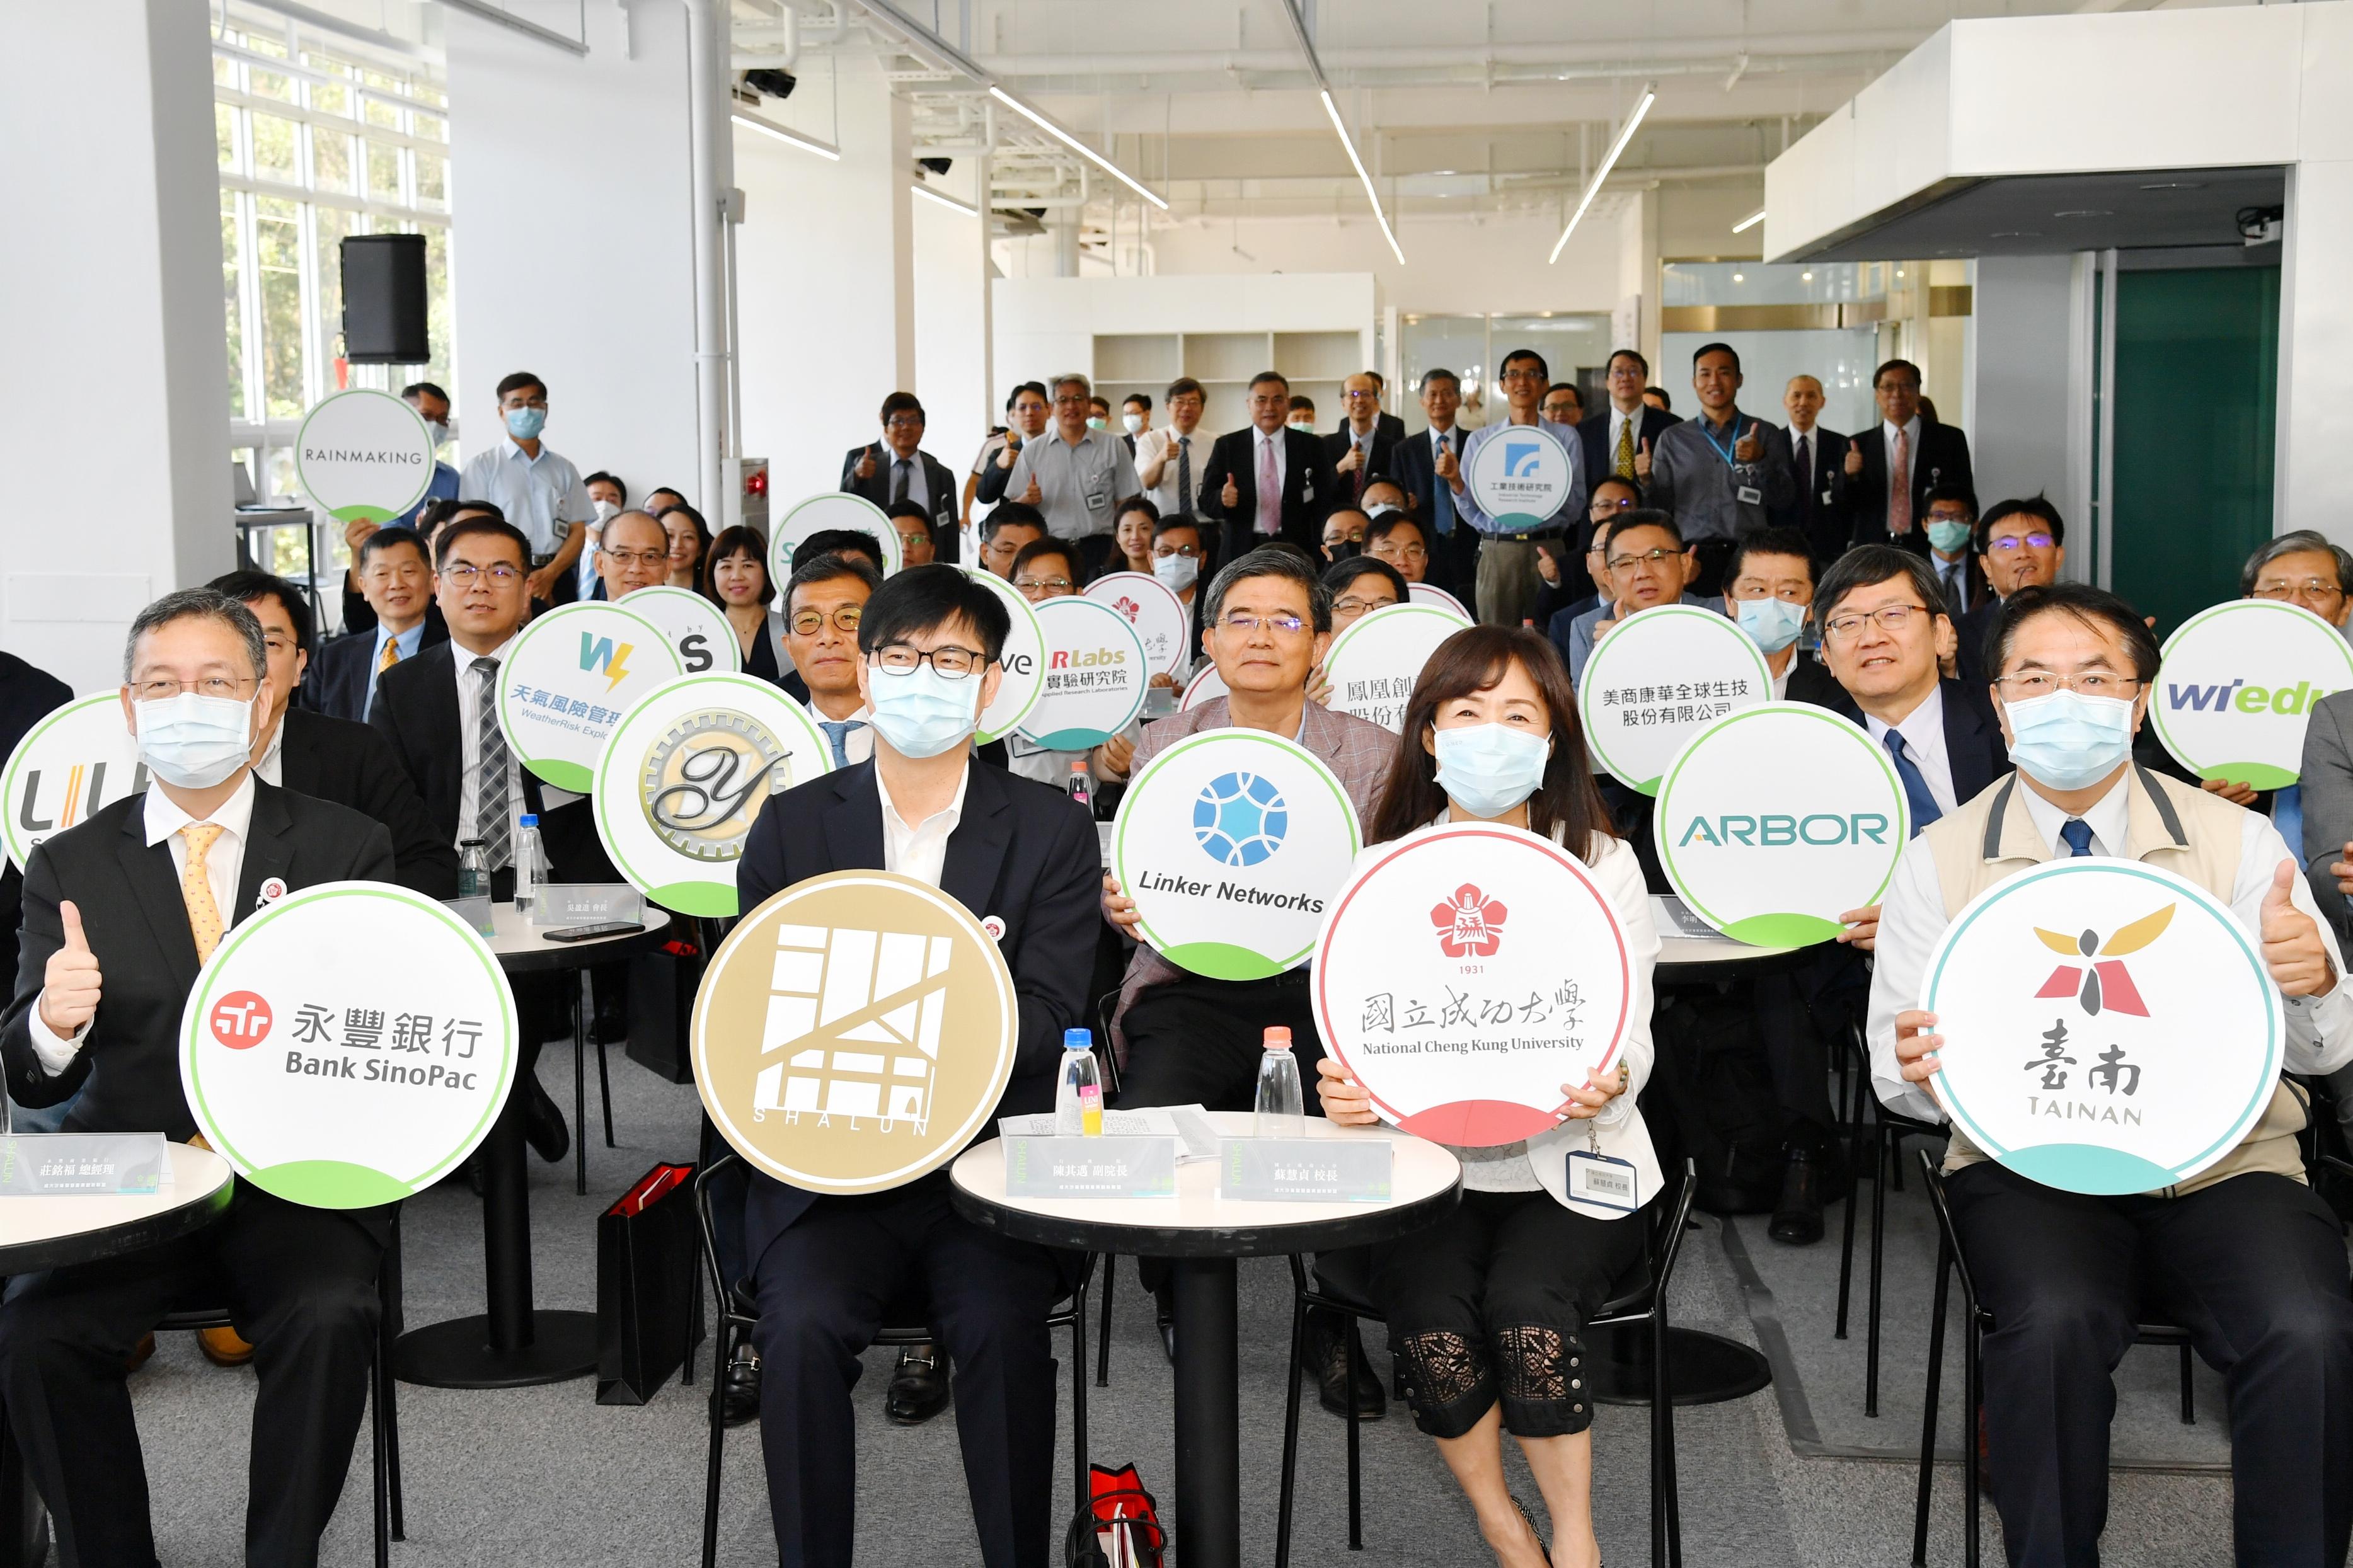 2020年5月10日行政院副院長陳其邁出席成大沙崙智慧產業創新聯盟成立大會